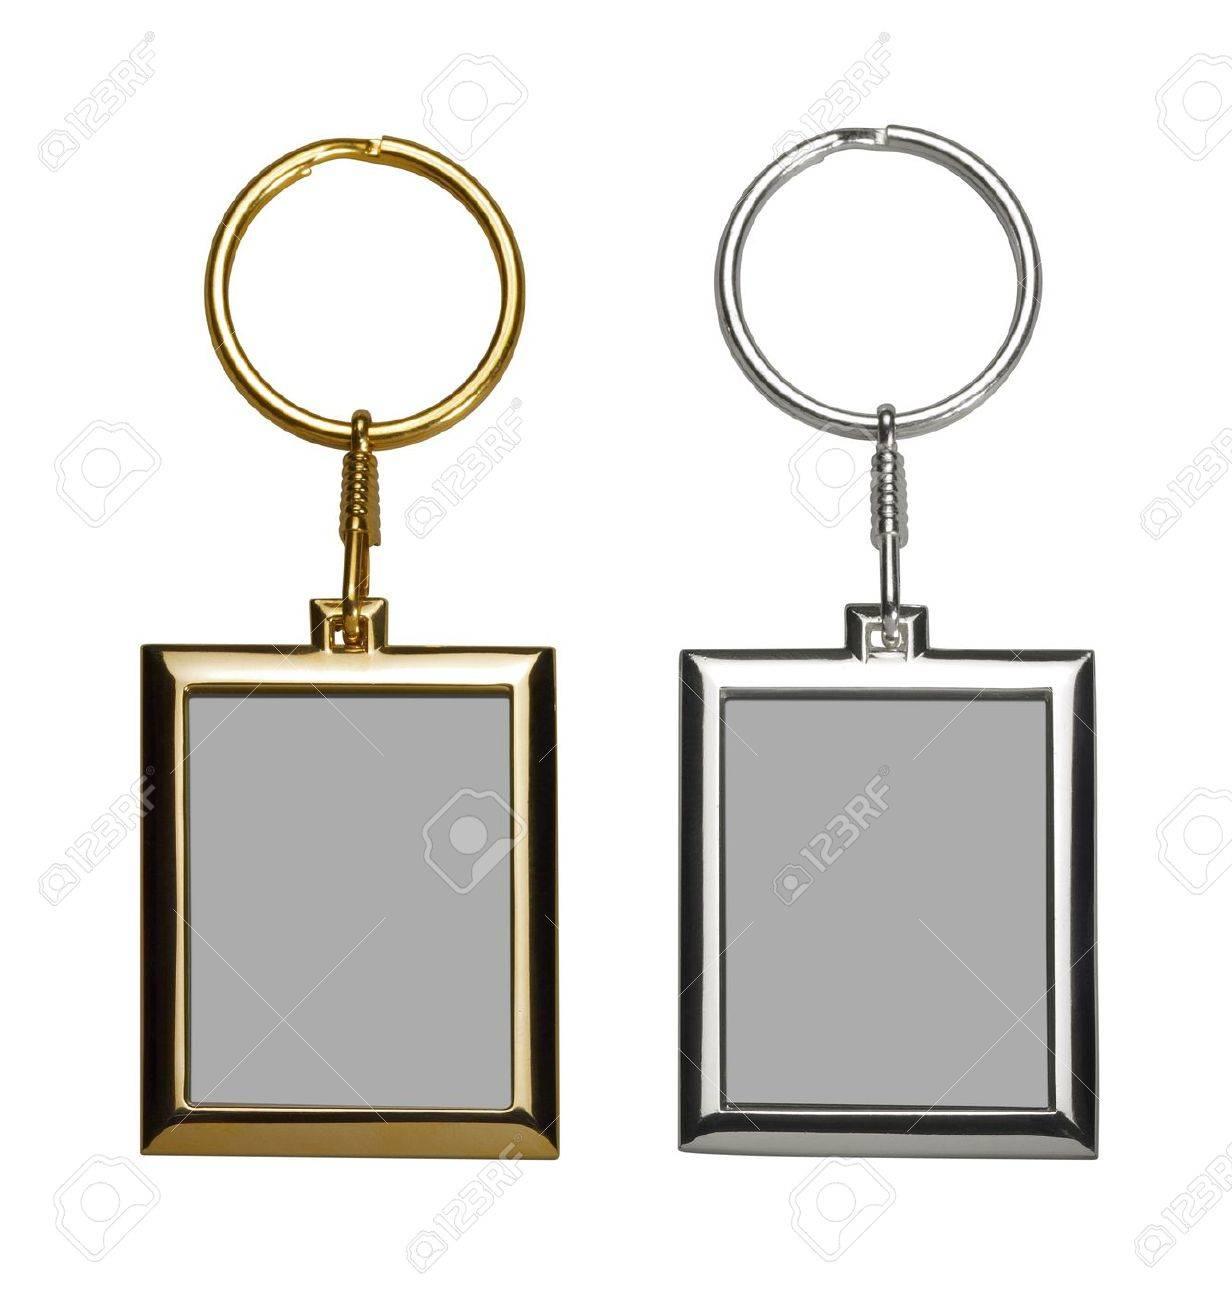 Berühmt Bilderrahmen Schlüsselanhänger Bilder - Benutzerdefinierte ...